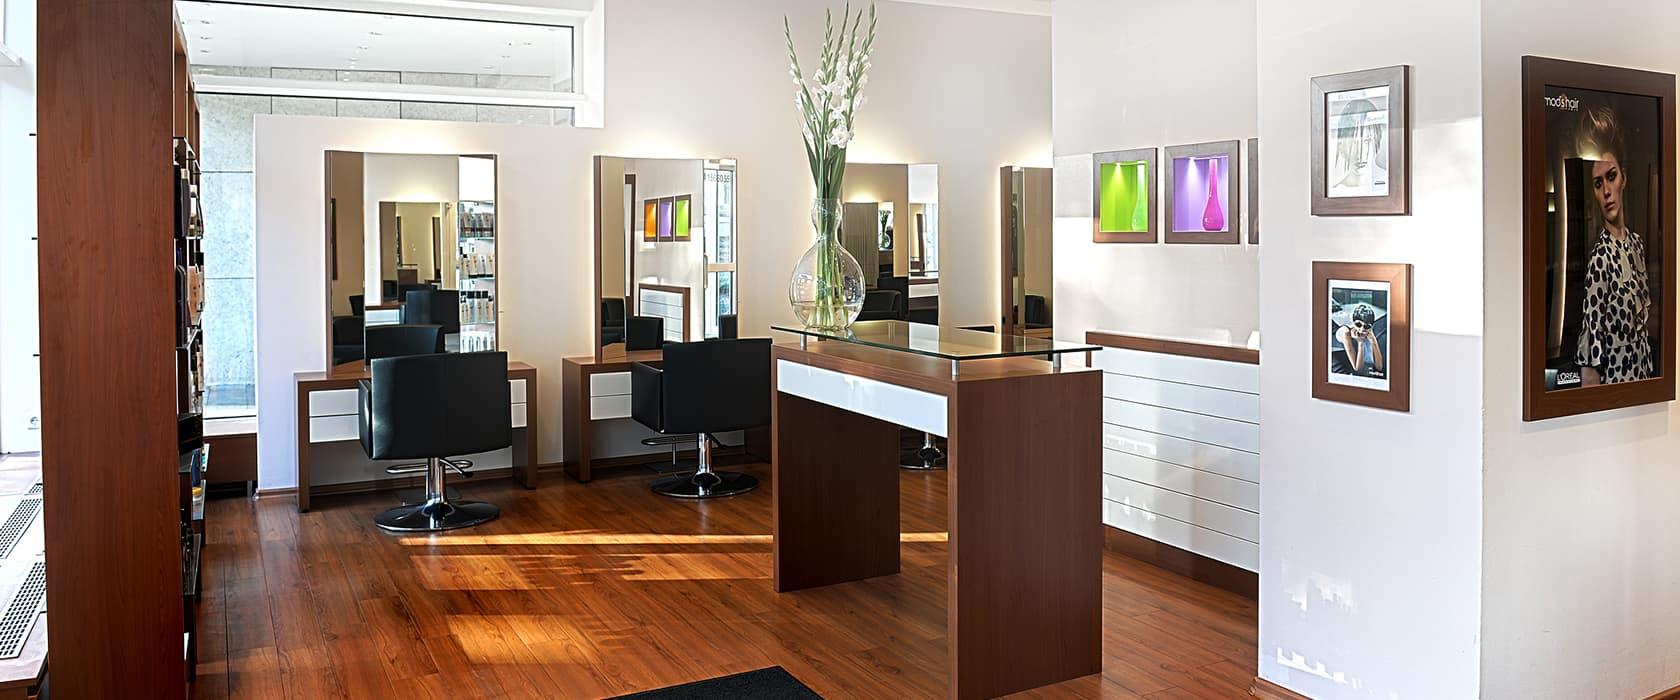 Ihr Friseur in Mannheim - Mod\'s Hair in Mannheim